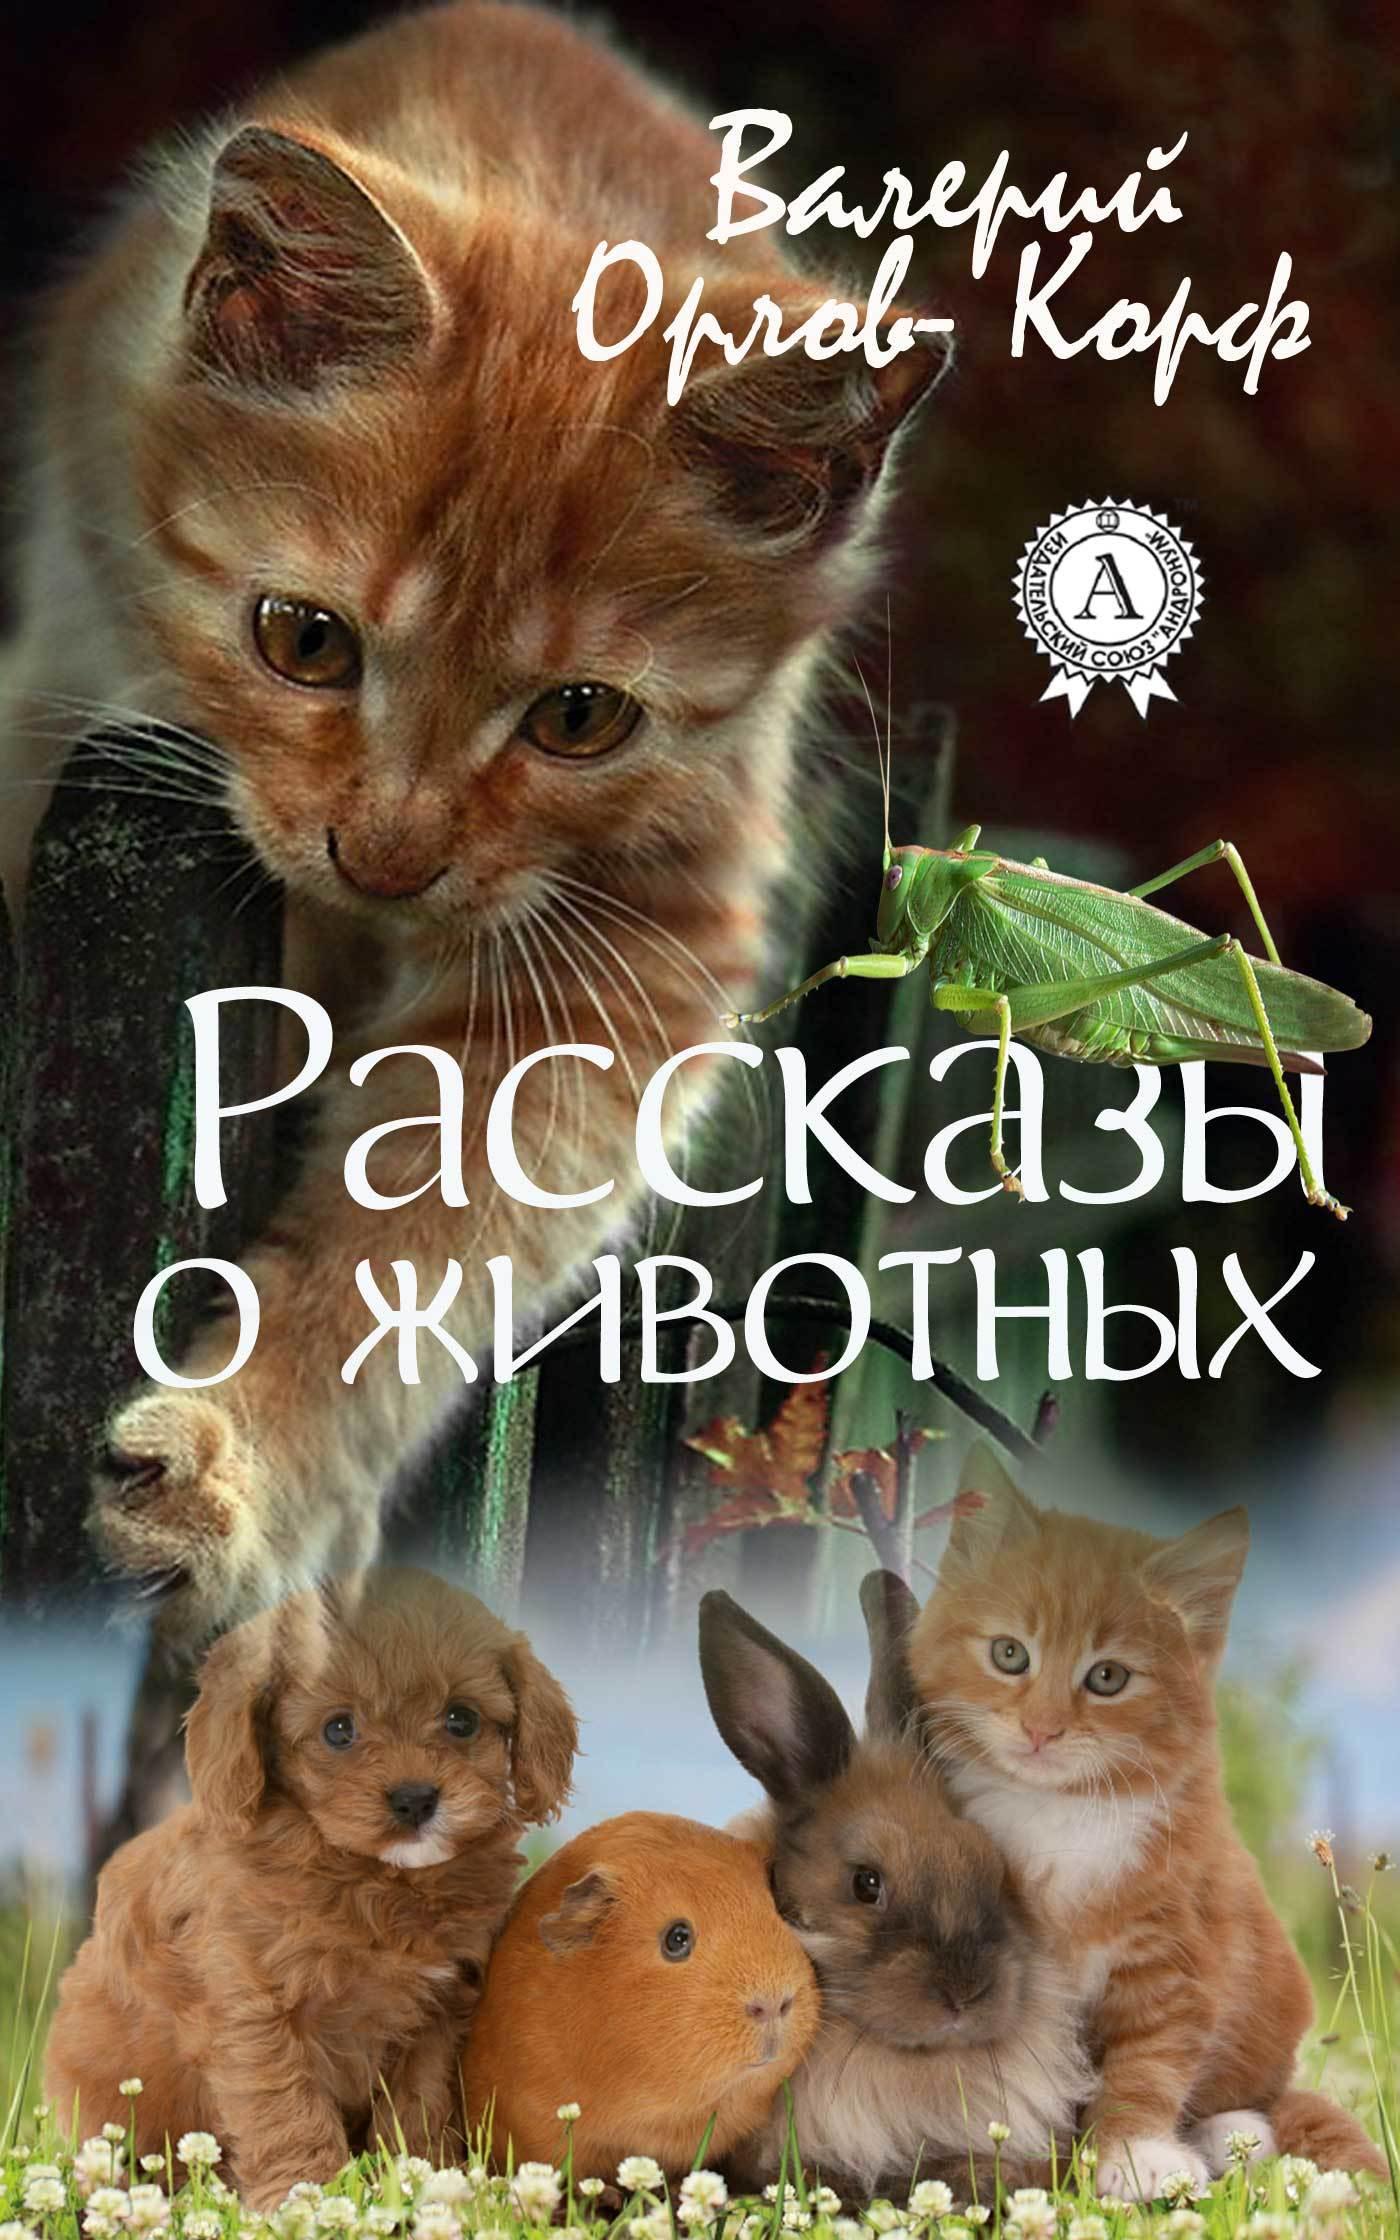 Валерий Орлов-Корф Рассказы о животных наши маленькие друзья рассказы о животных